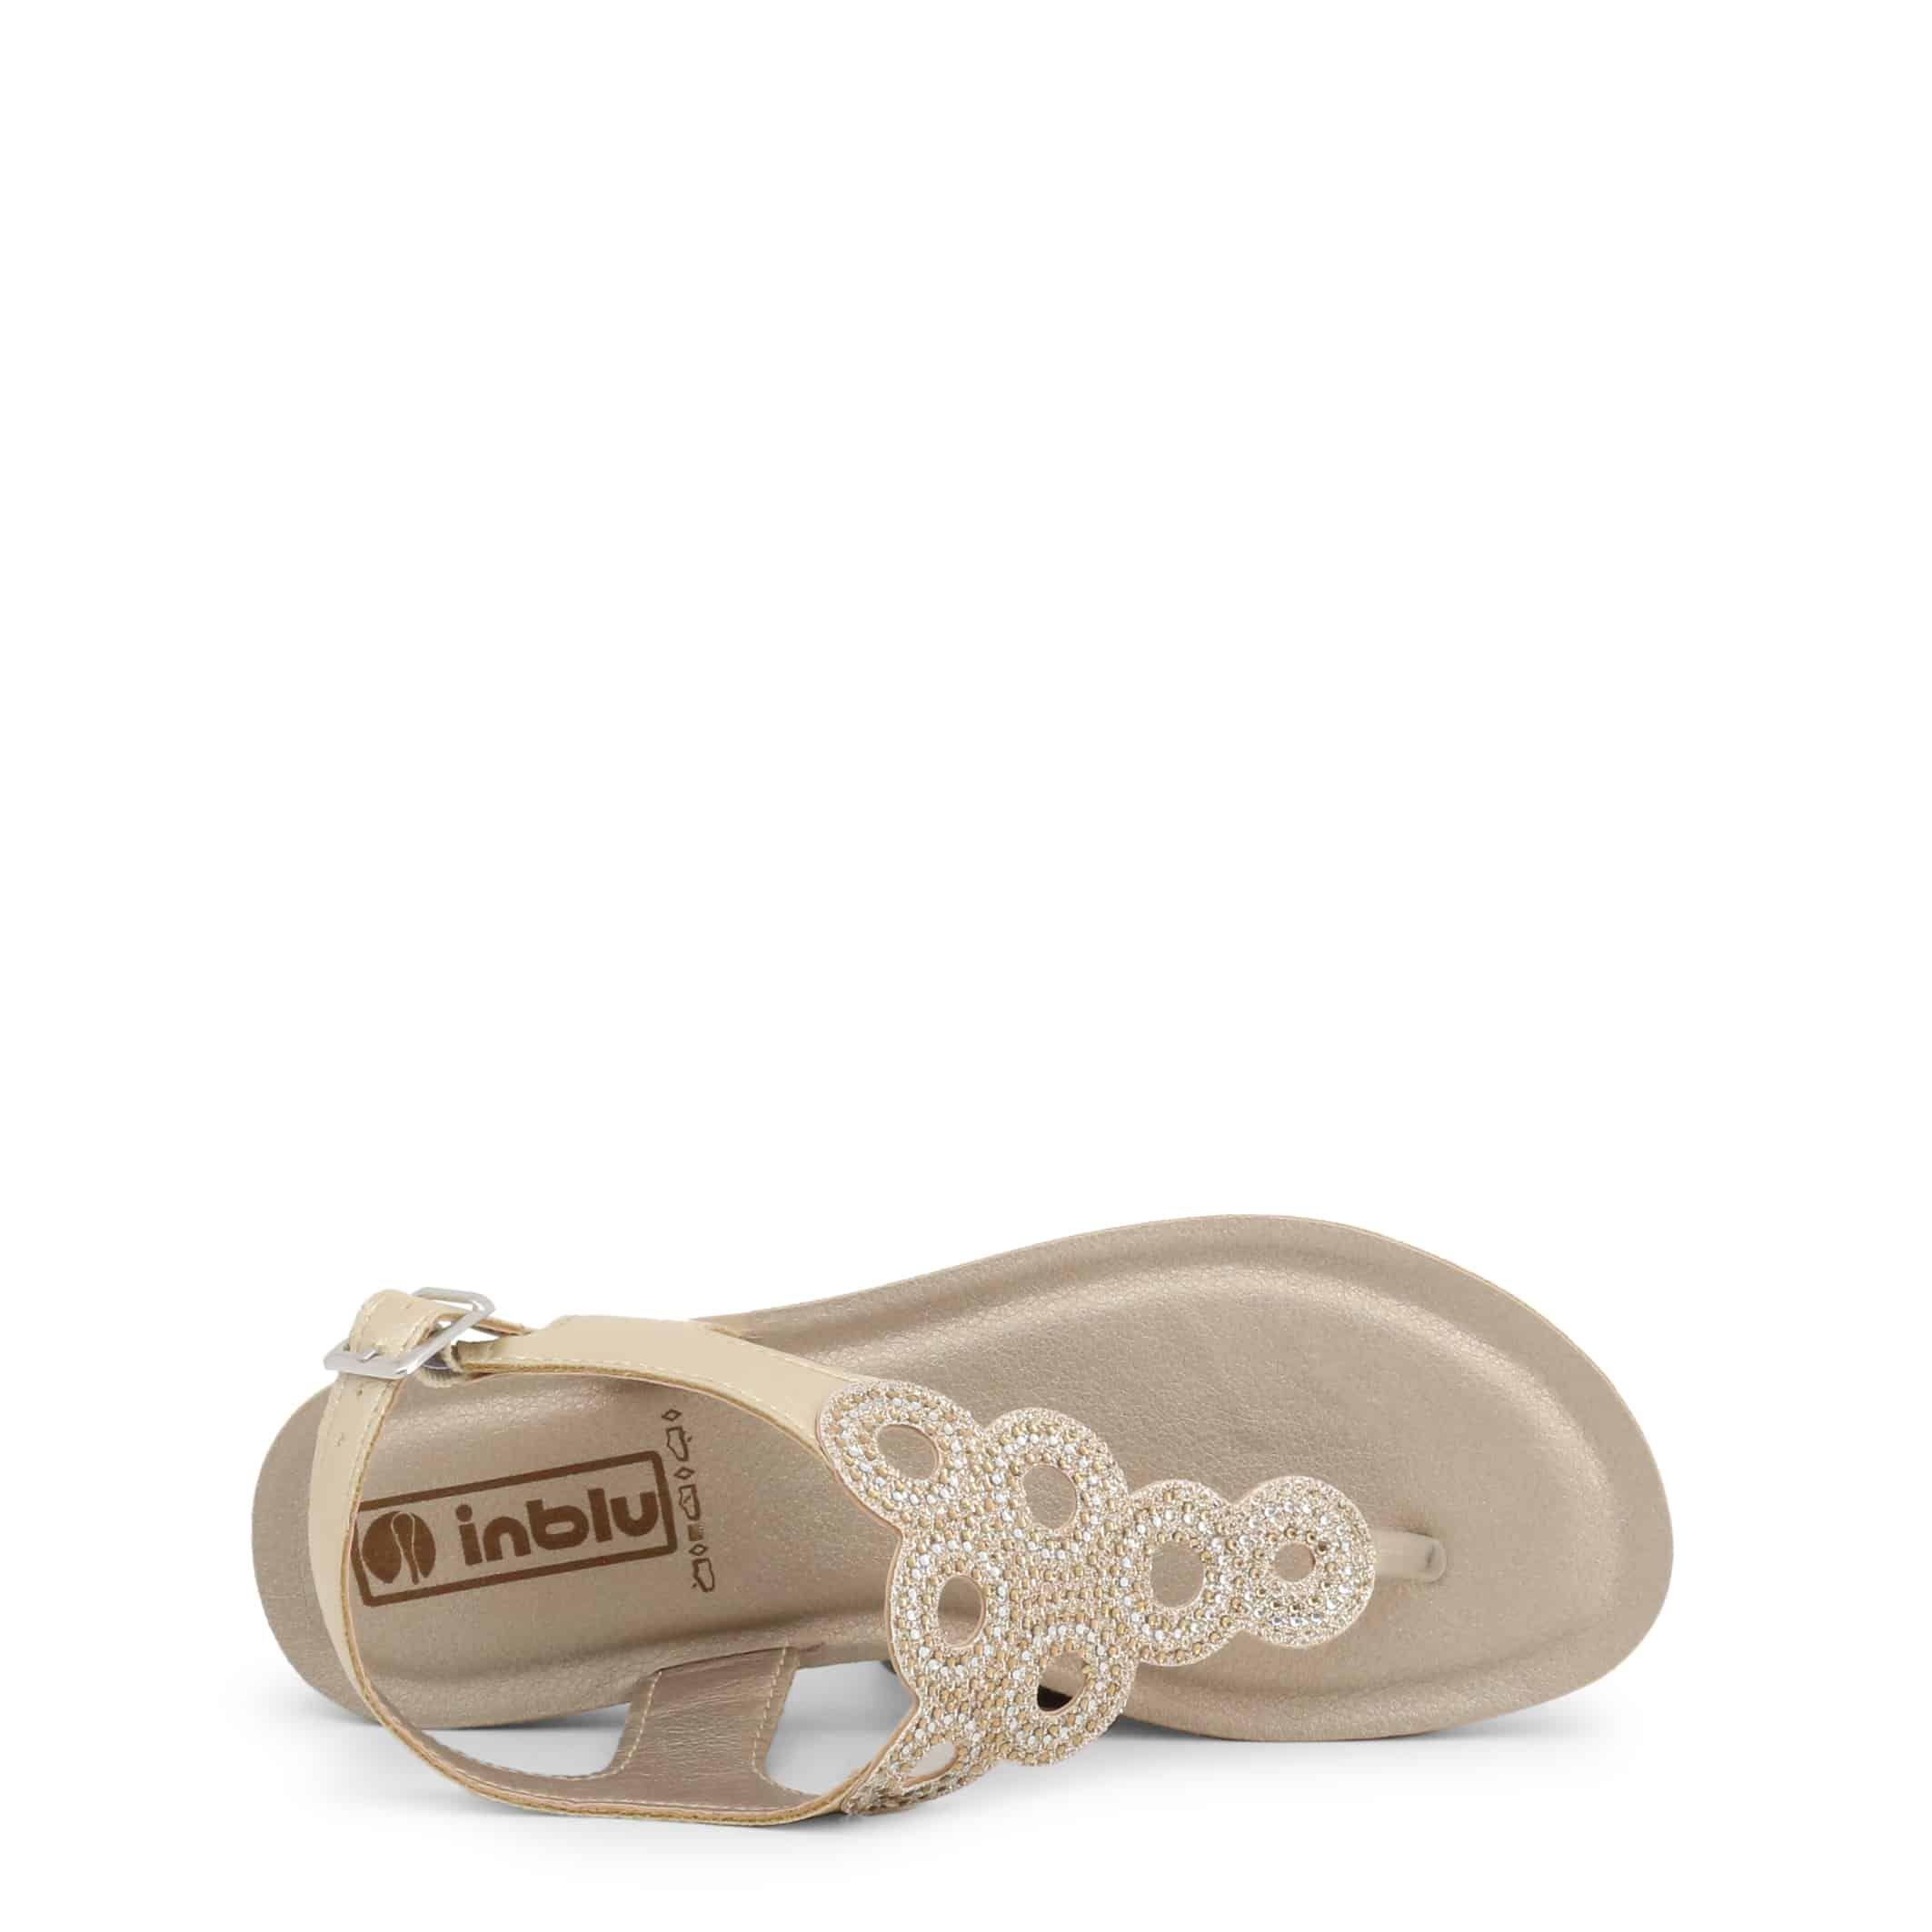 Sandales Inblu – BA000028